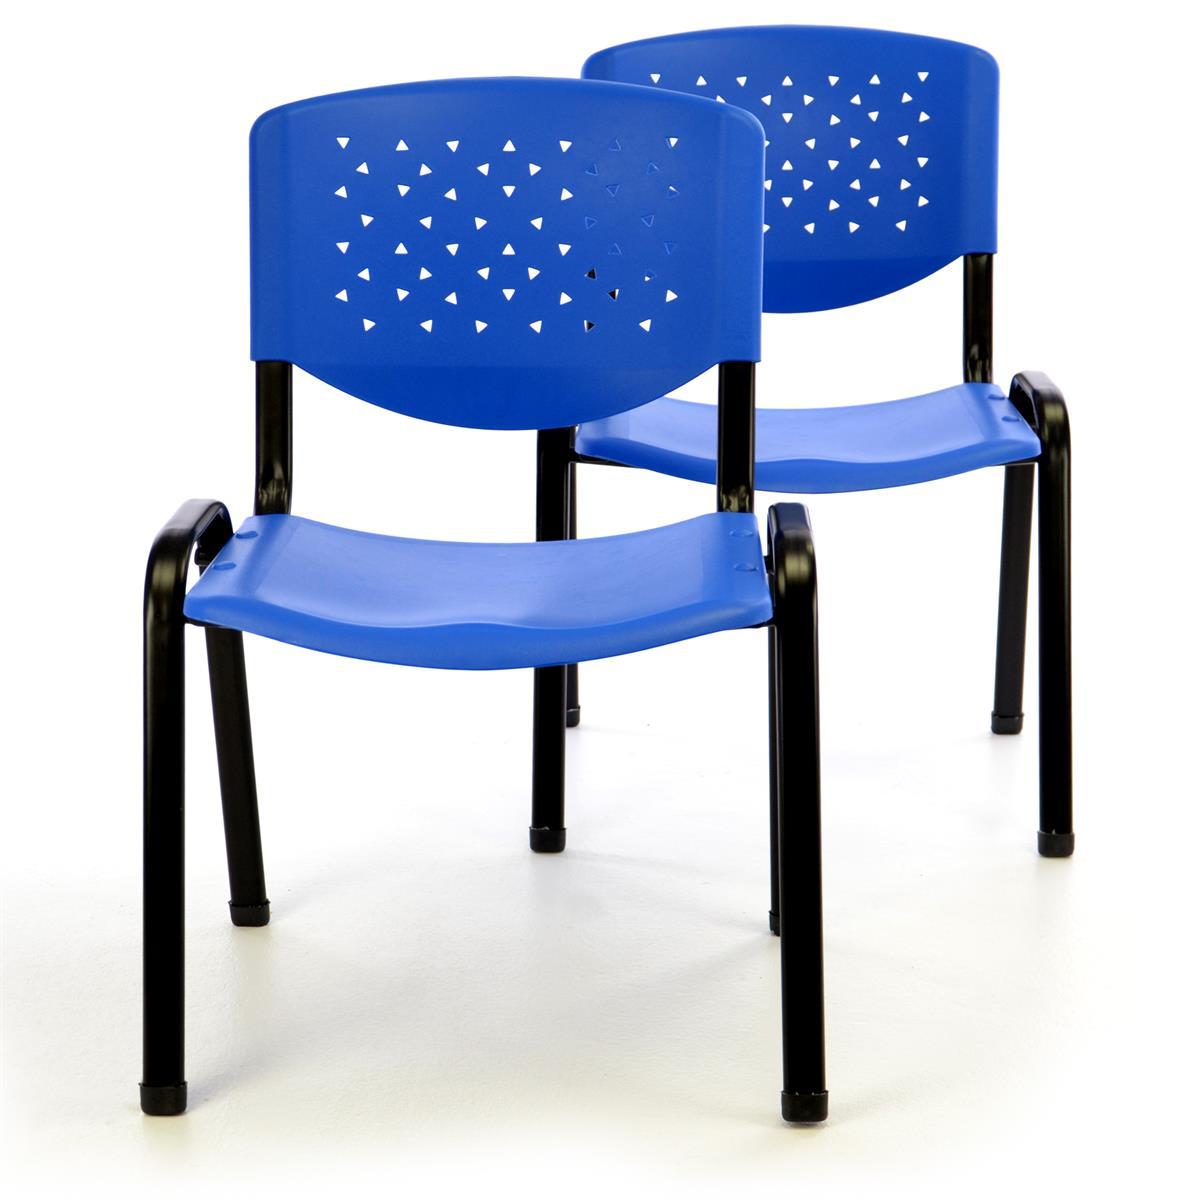 Besucherstuhl 2er Set Bürostuhl Konferenzstuhl Sitzfläche Blau Kunststoff